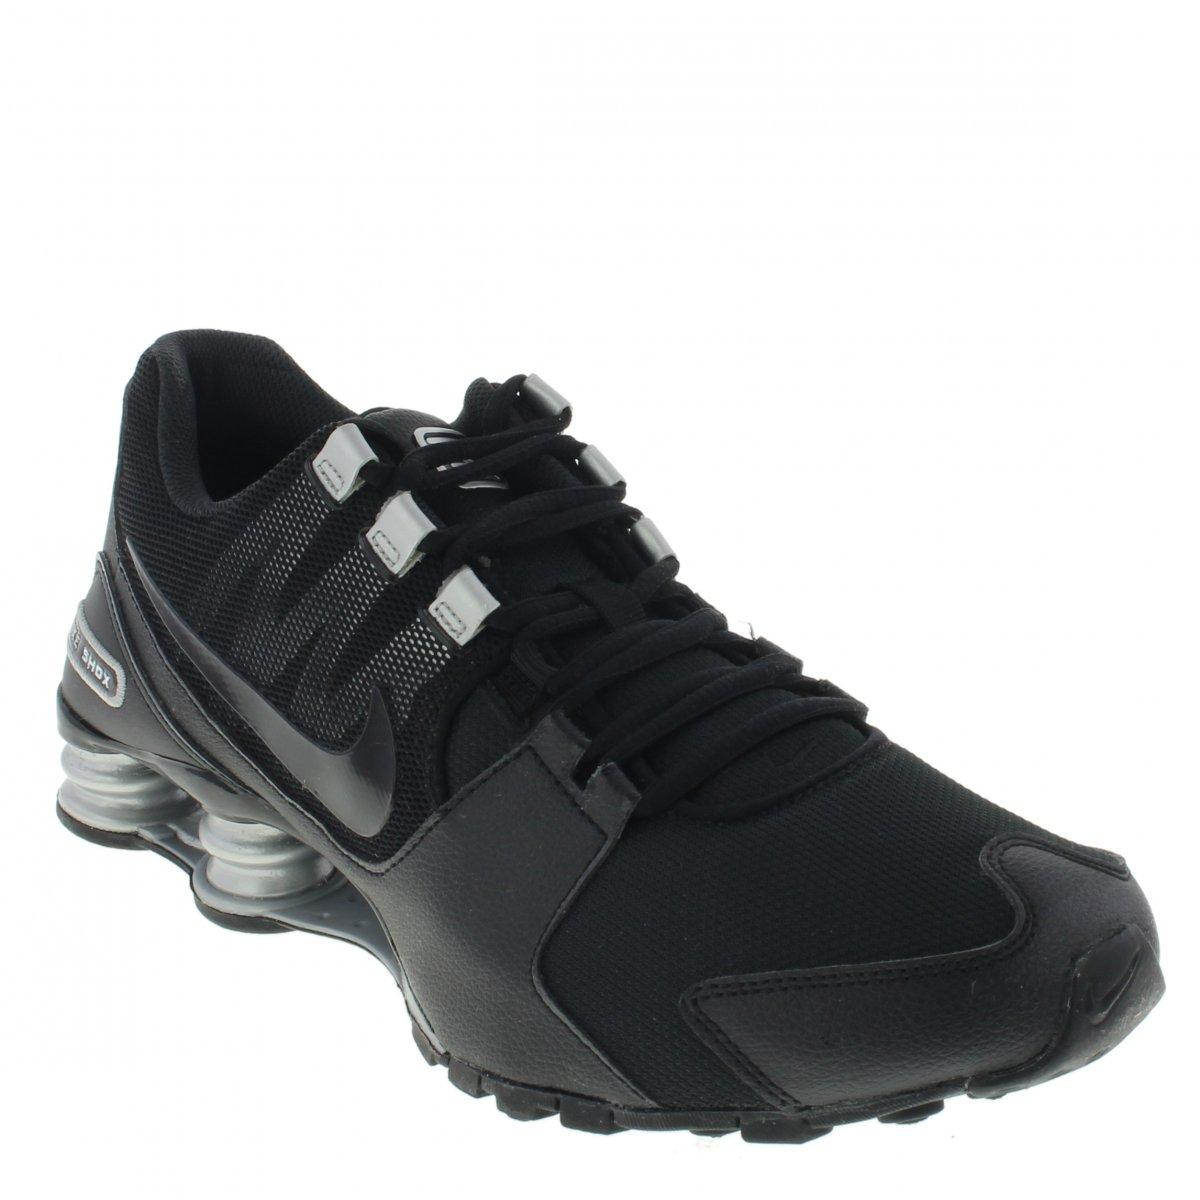 7552258e920 Tenis Nike Shox Avenue 833583-001